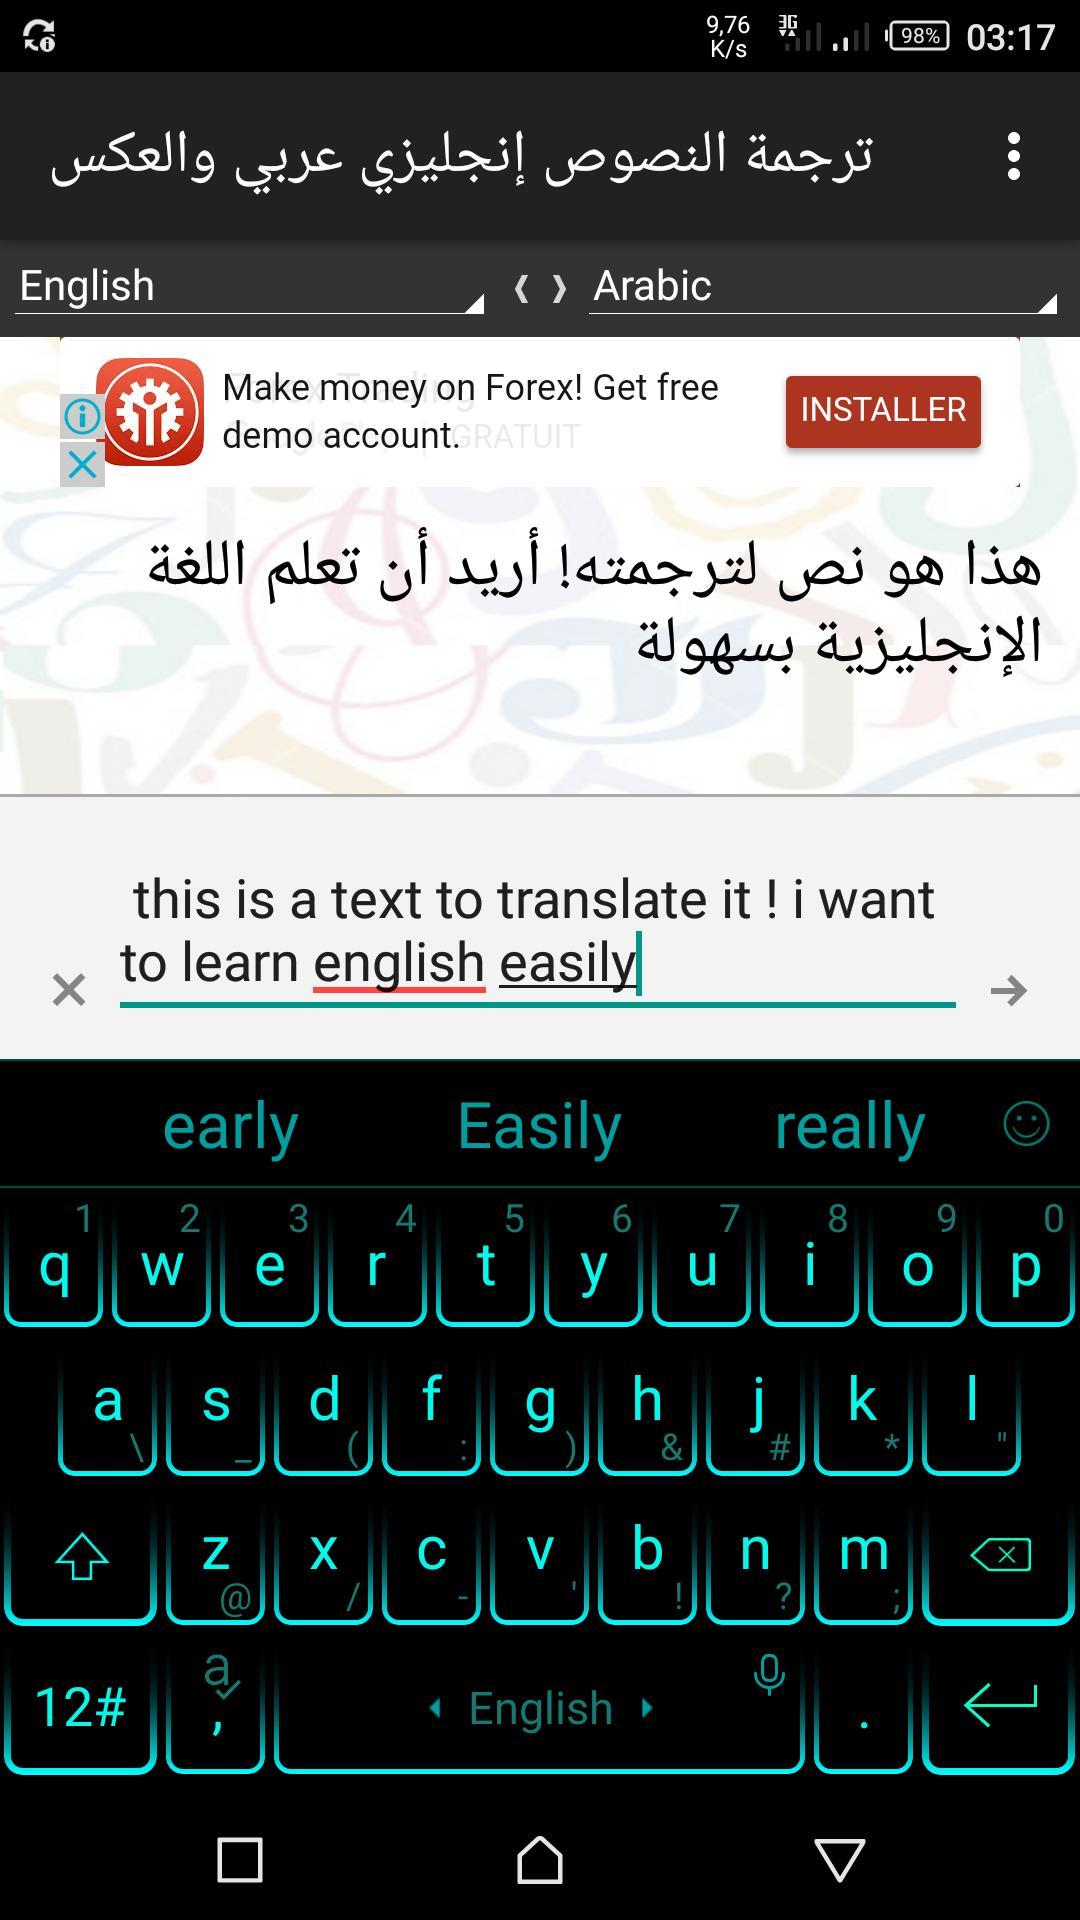 تحويل شيوعي إمرأة شابة ترجمة جمل من الانجليزية للعربية Sjvbca Org